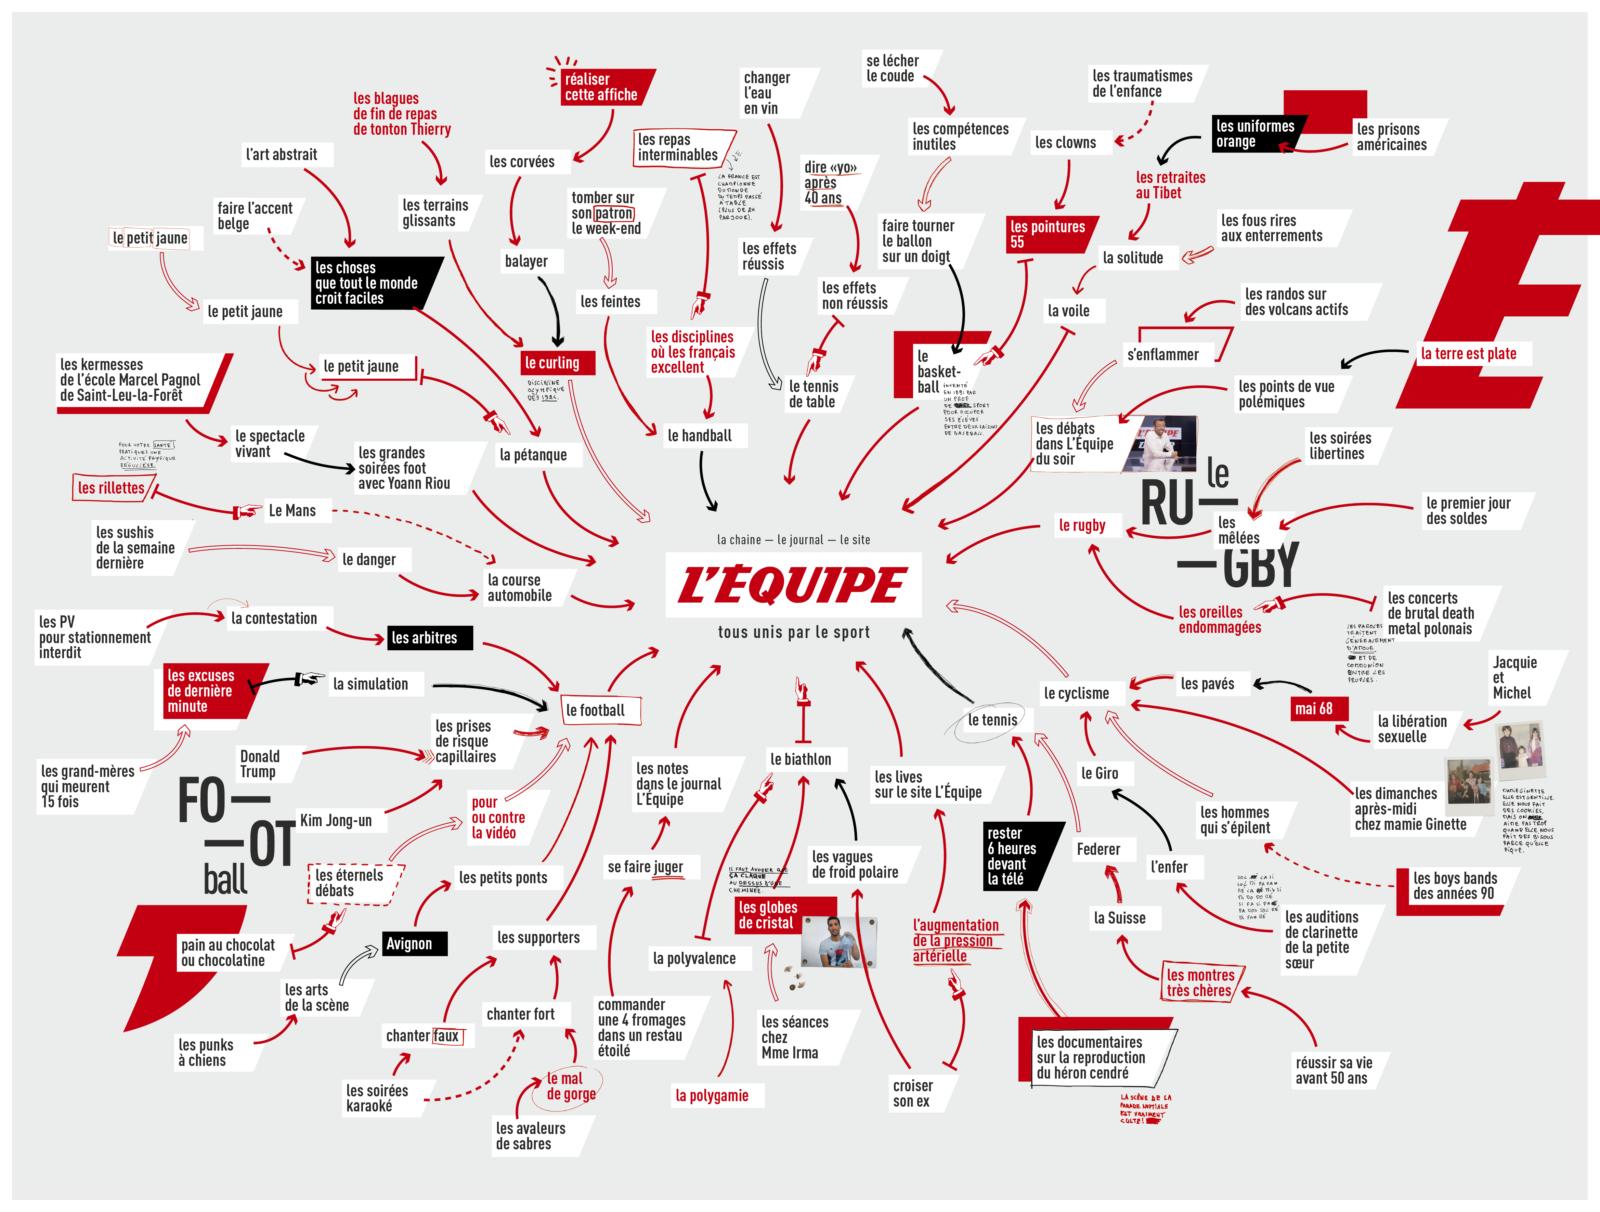 lequipe-journal-publicite-marketing-affichage-tous-unis-par-le-sport-ddb-paris-7